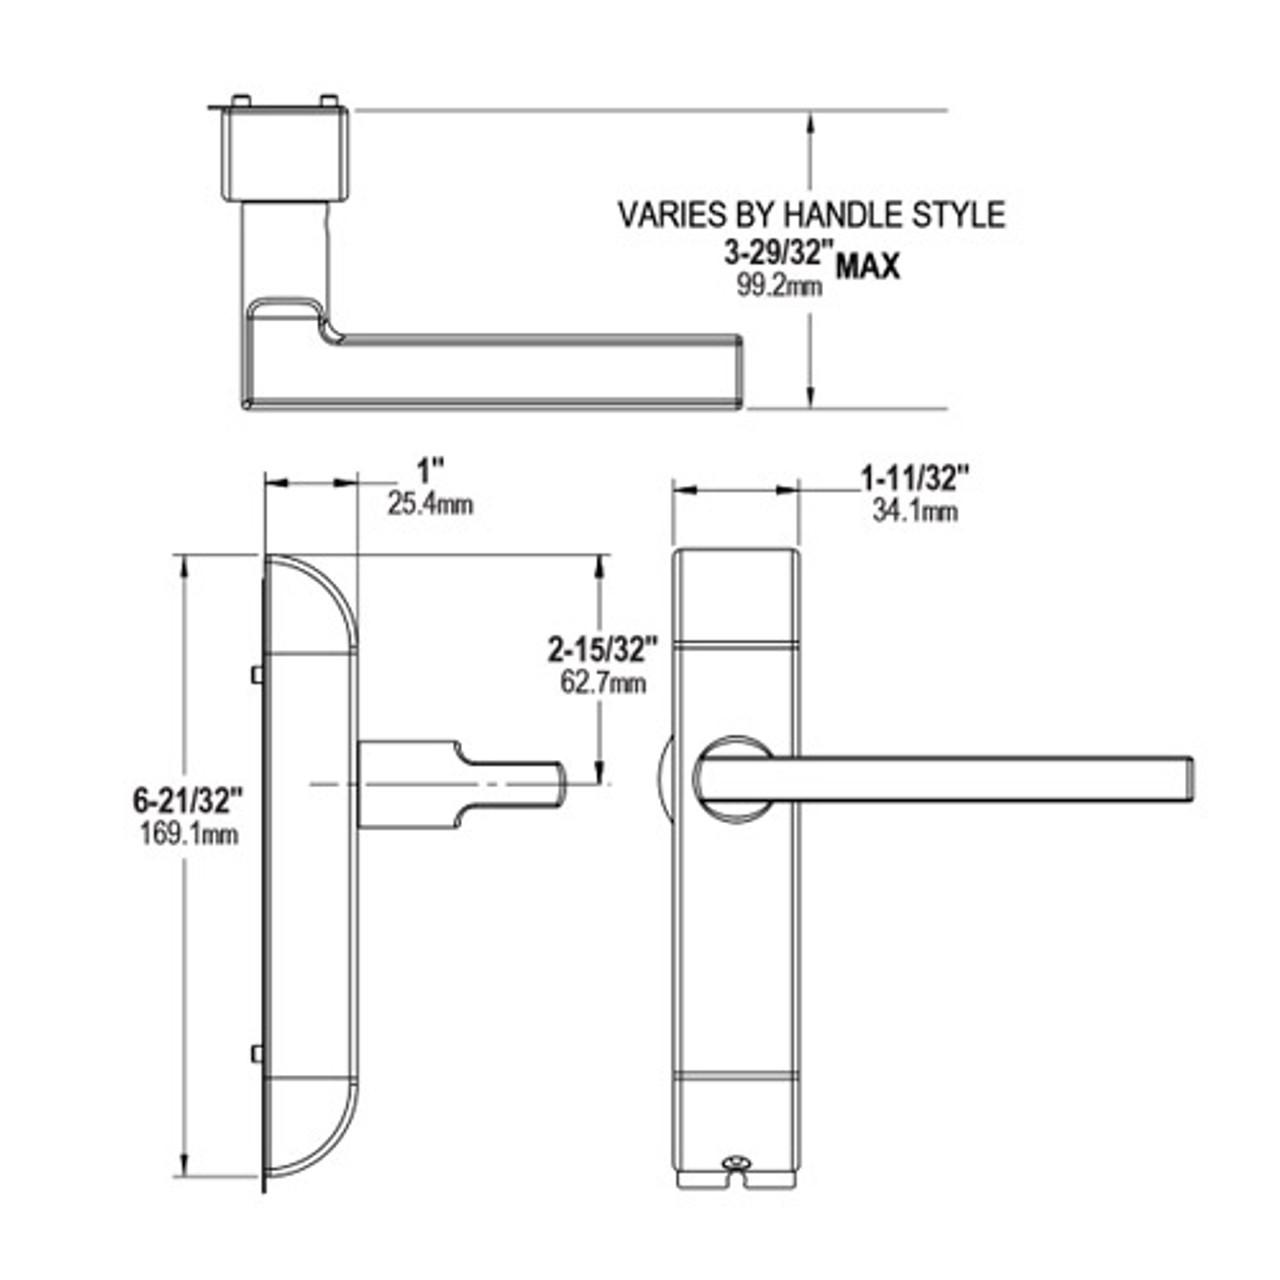 4600M-MN-541-US32 Adams Rite MN Designer handle Dimensional View